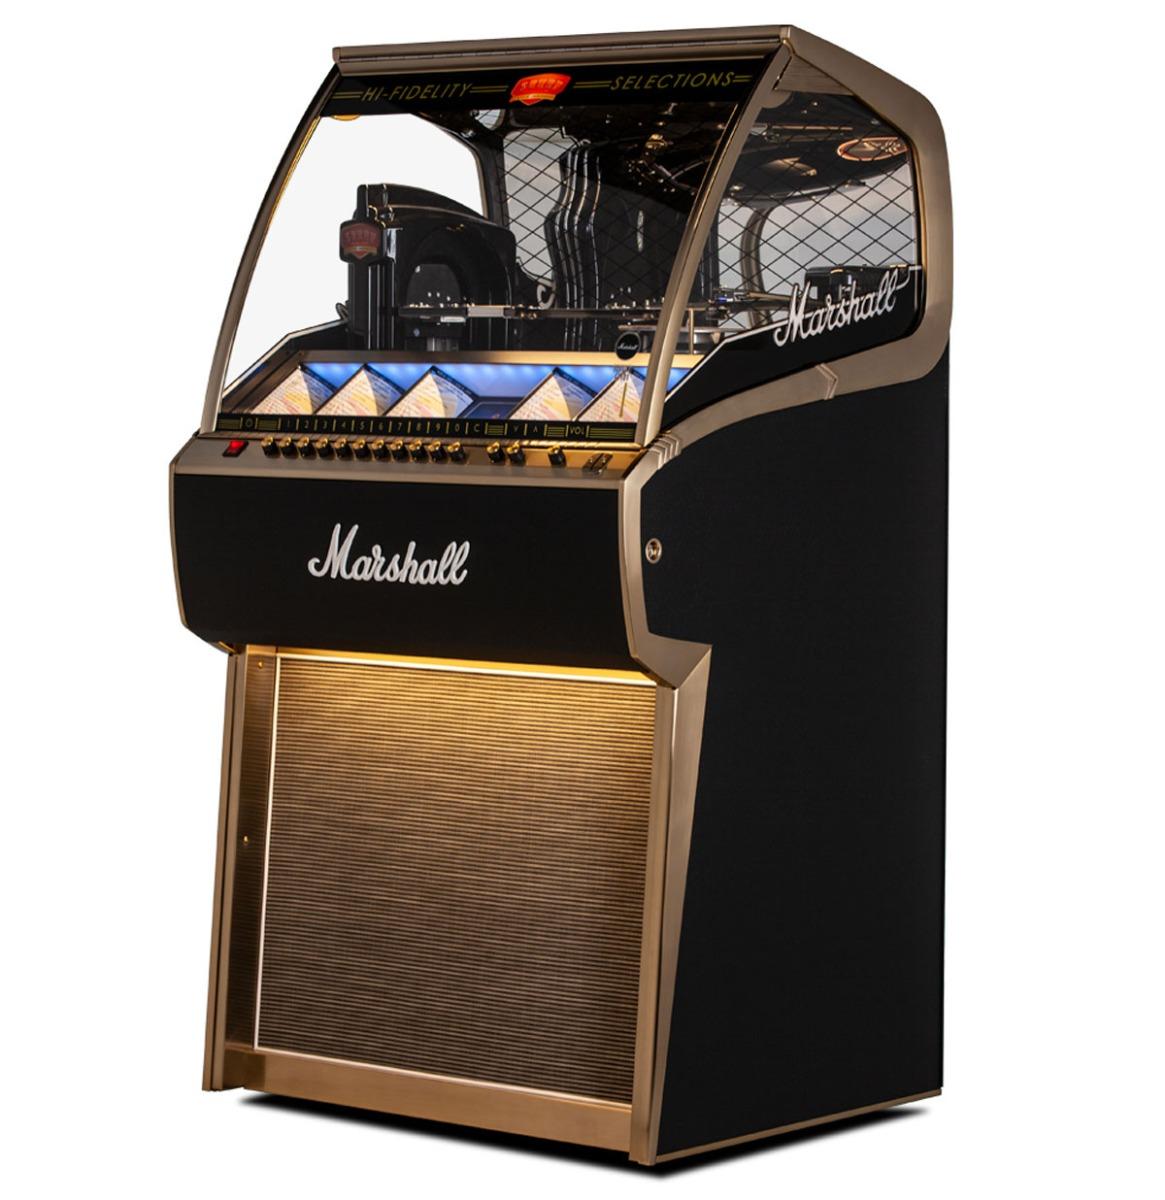 Marshall LP Jukebox